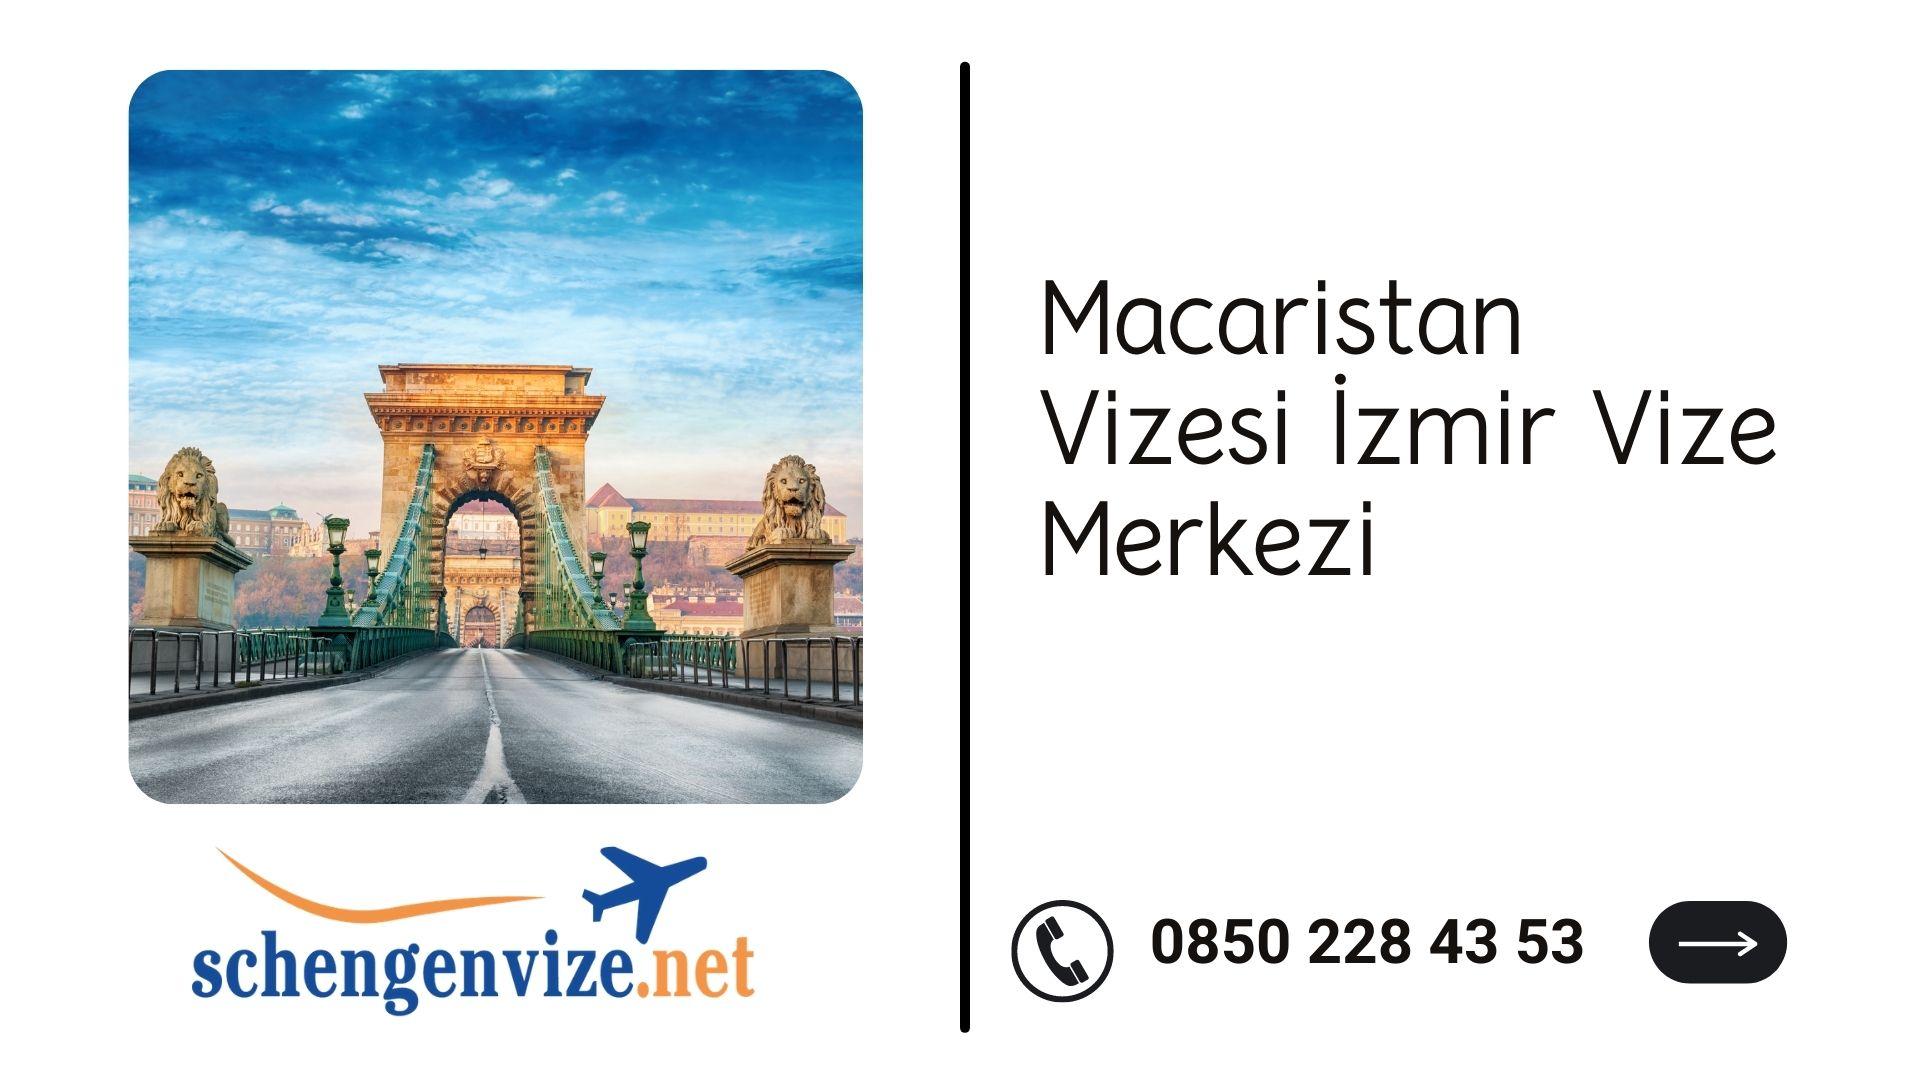 Macaristan Vizesi İzmir Vize Merkezi